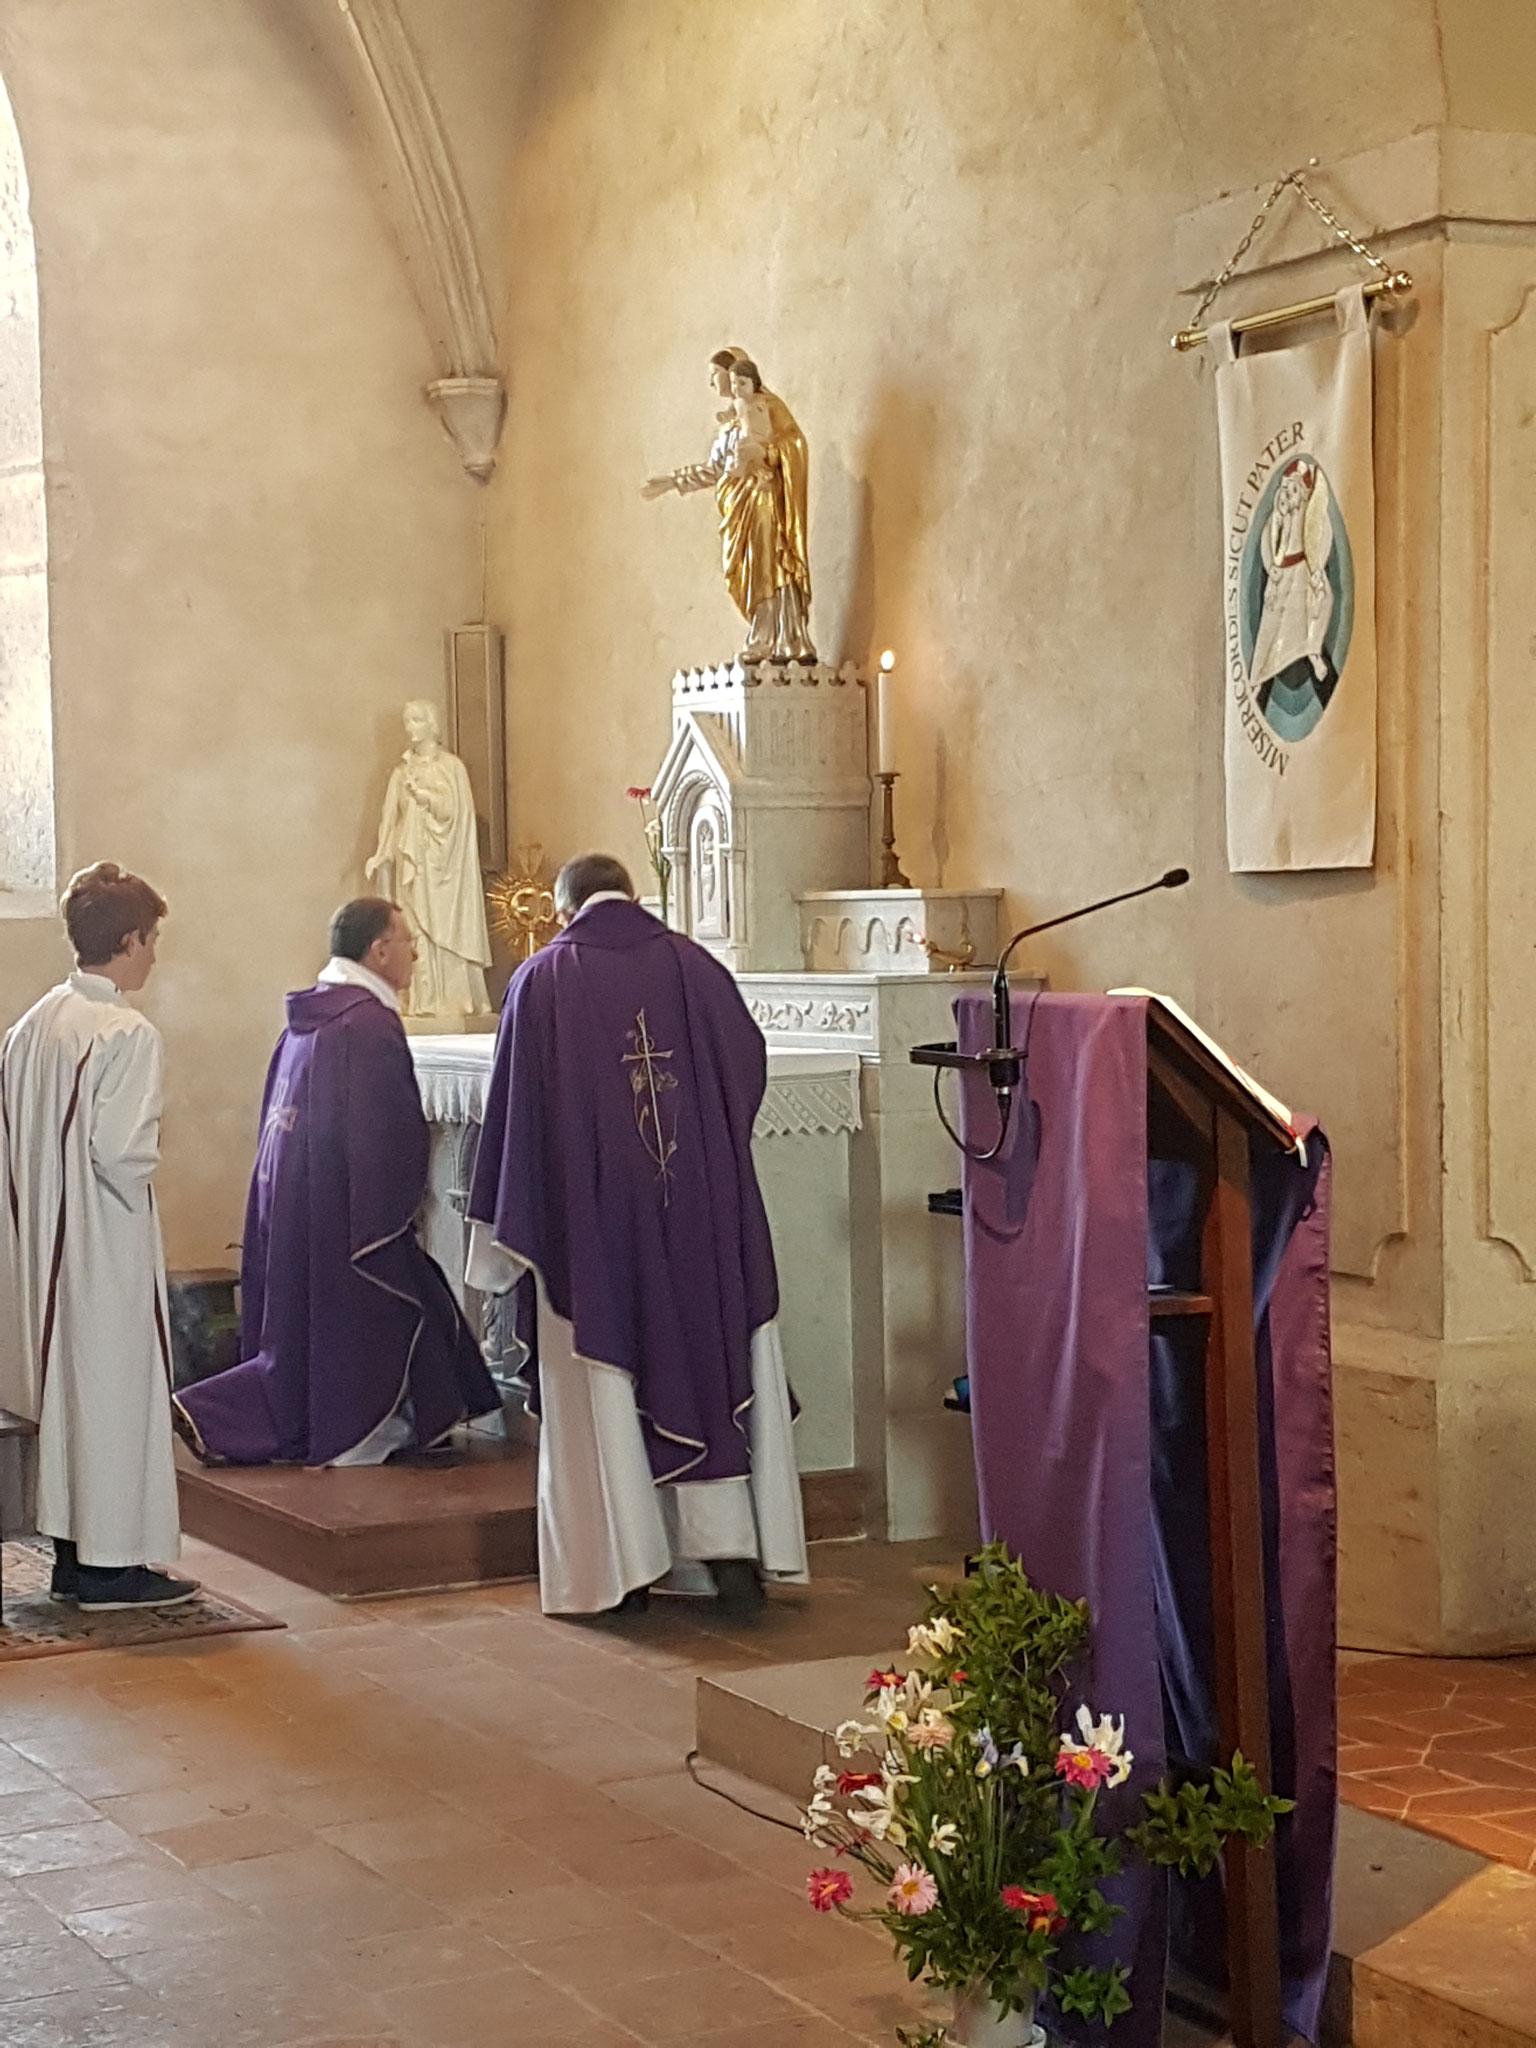 Le Saint-Sacrement est déposé solennellement au tabernacle (avec encensement).